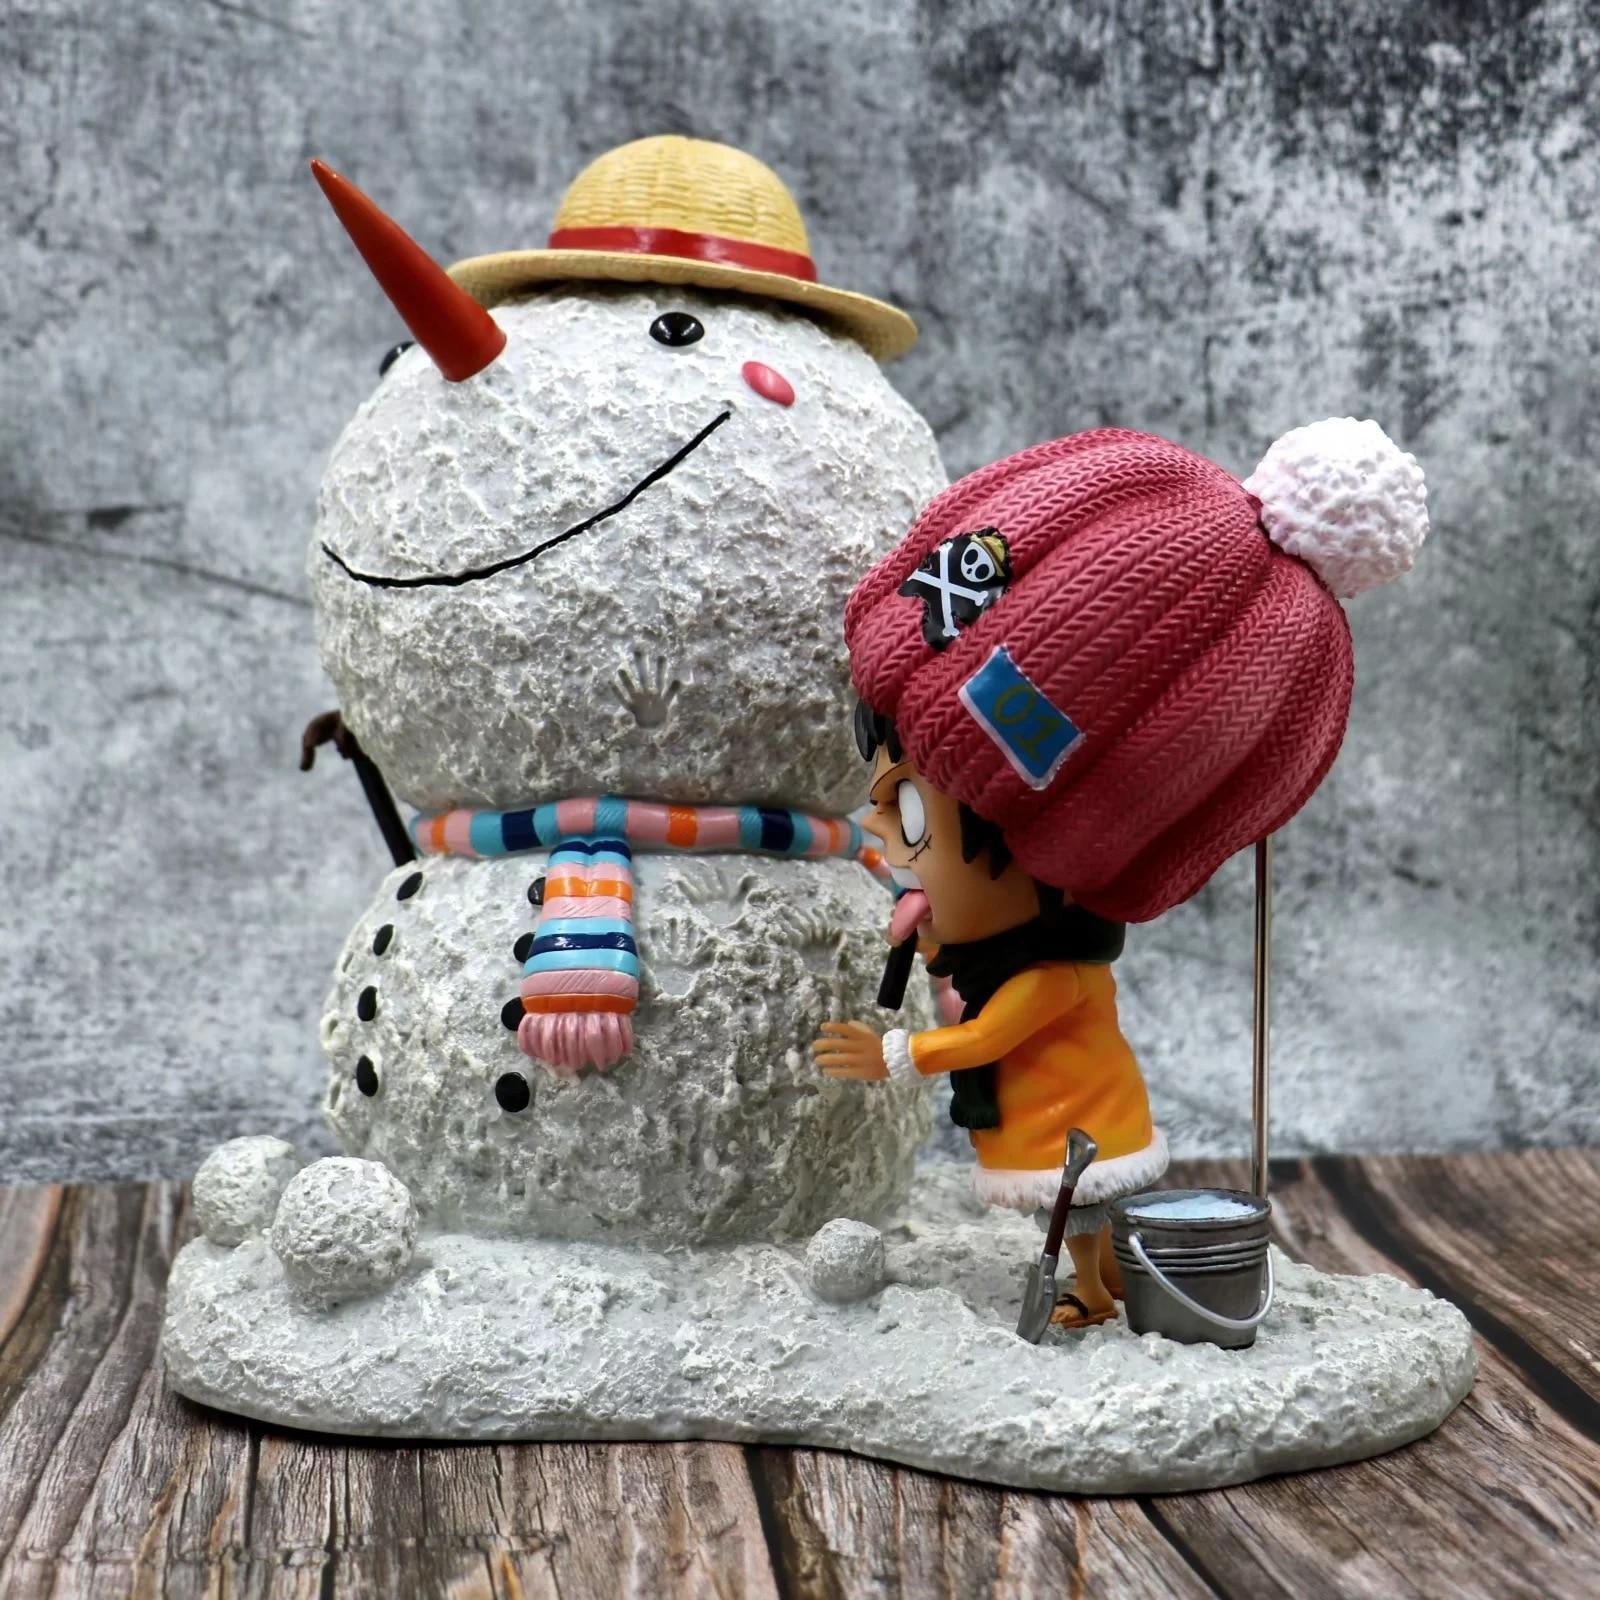 X051 4 m hight Opblaasbare sneeuwpop hoed, opblaasbare Kerst decoratie, opblaasbare sneeuwman met LED Licht - 3